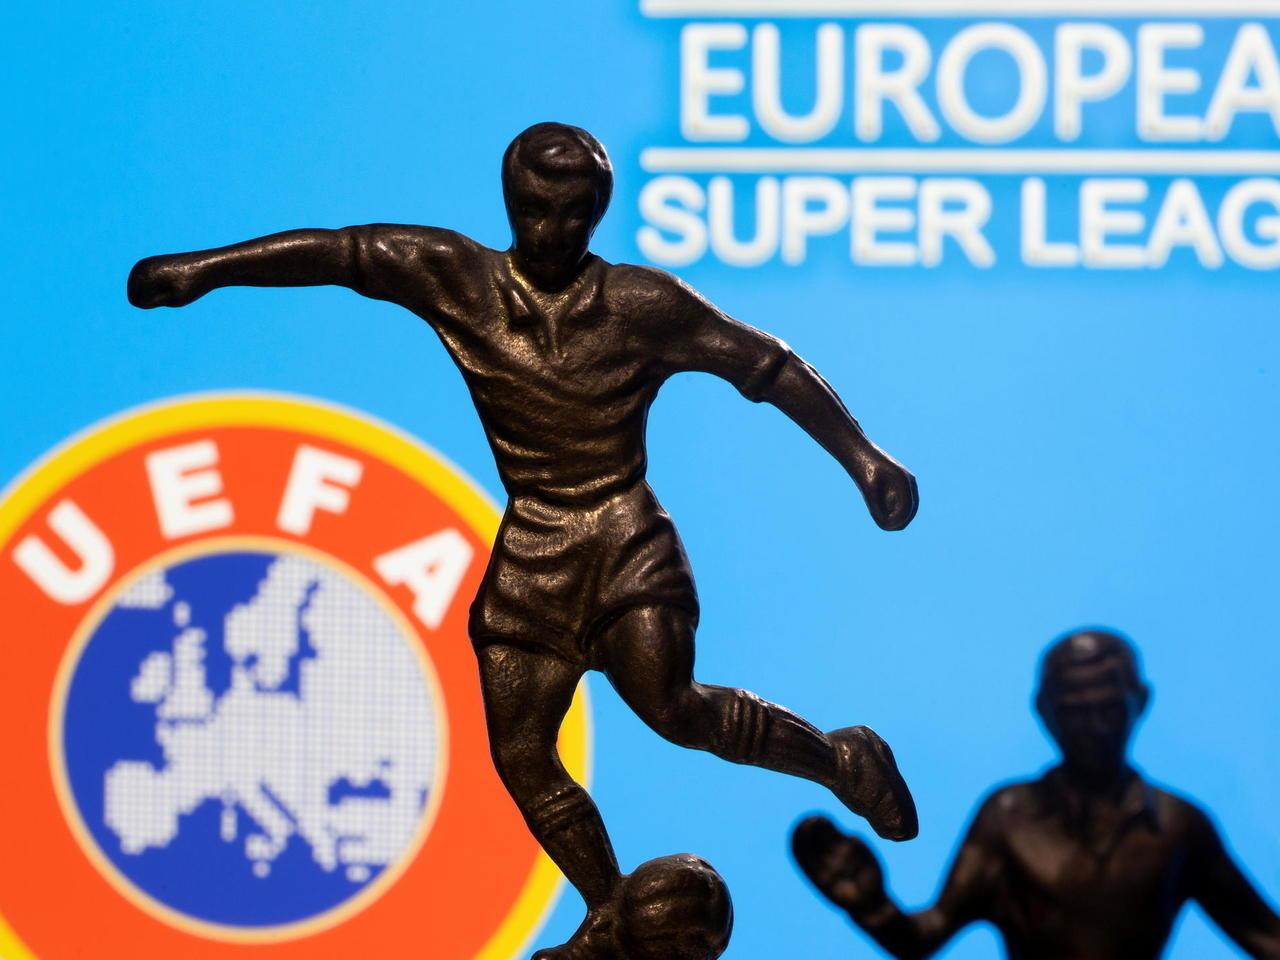 Les casseroles de la Super League : L'UEFA menace d'exclure le Real, le Barça et la Juve de la Ligue des Champions